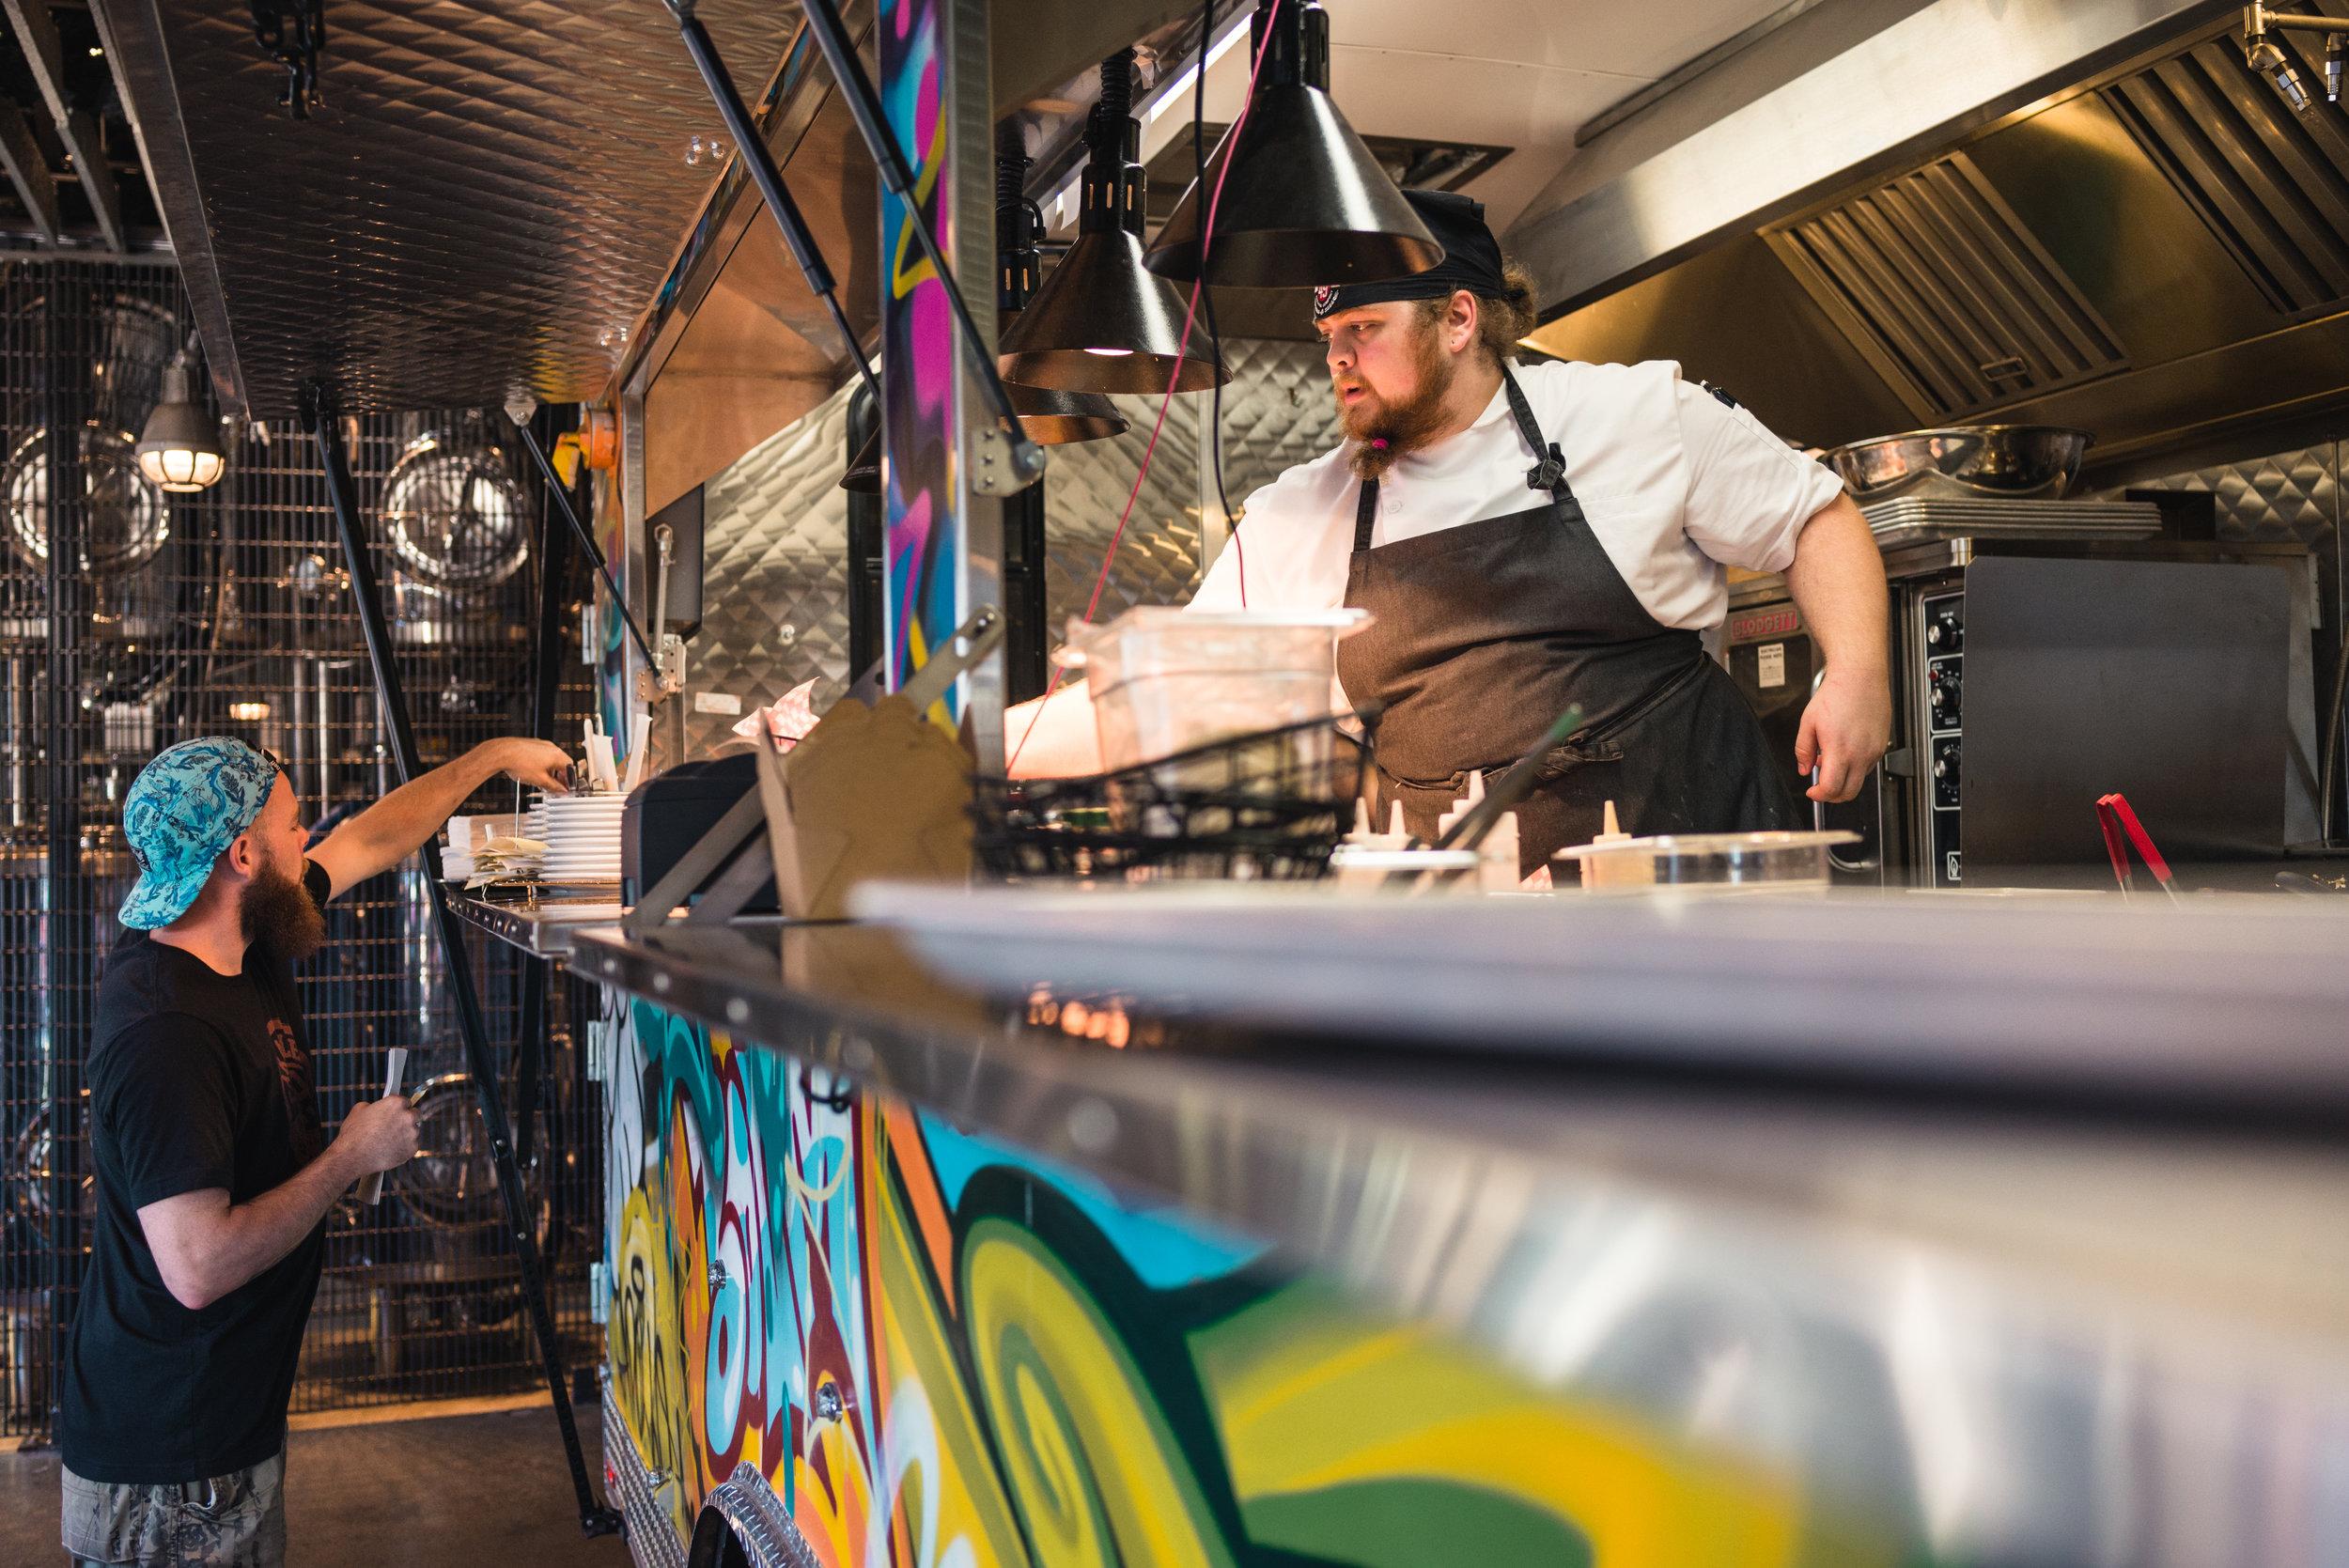 parallel 49 street kitchen craft beer bc yeastvan east vancouver vanpours